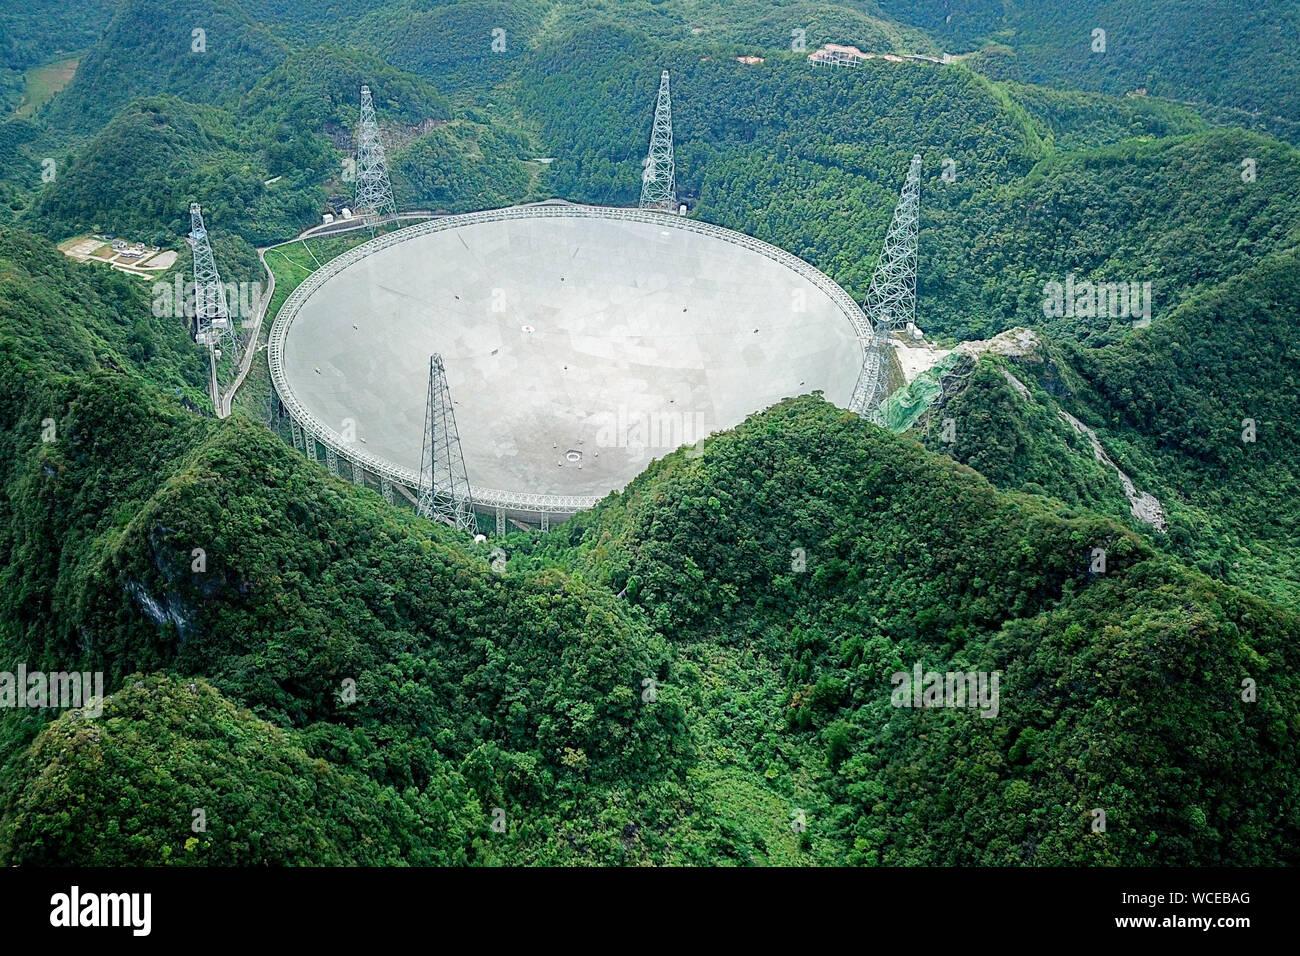 Pingtang. Il 27 agosto, 2019. Foto aeree prese su agosto 27, 2019 mostra la Cina del cinque-cento metri di apertura sferica telescopio radio (veloce) nel sud-ovest della Cina di Guizhou. La Cina è veloce, il più grande del mondo di un piatto unico radio telescopio sarà salutare il terzo anniversario della operazione che ha avuto inizio nel settembre 2016. Credito: Ou Dongqu/Xinhua/Alamy Live News Foto Stock